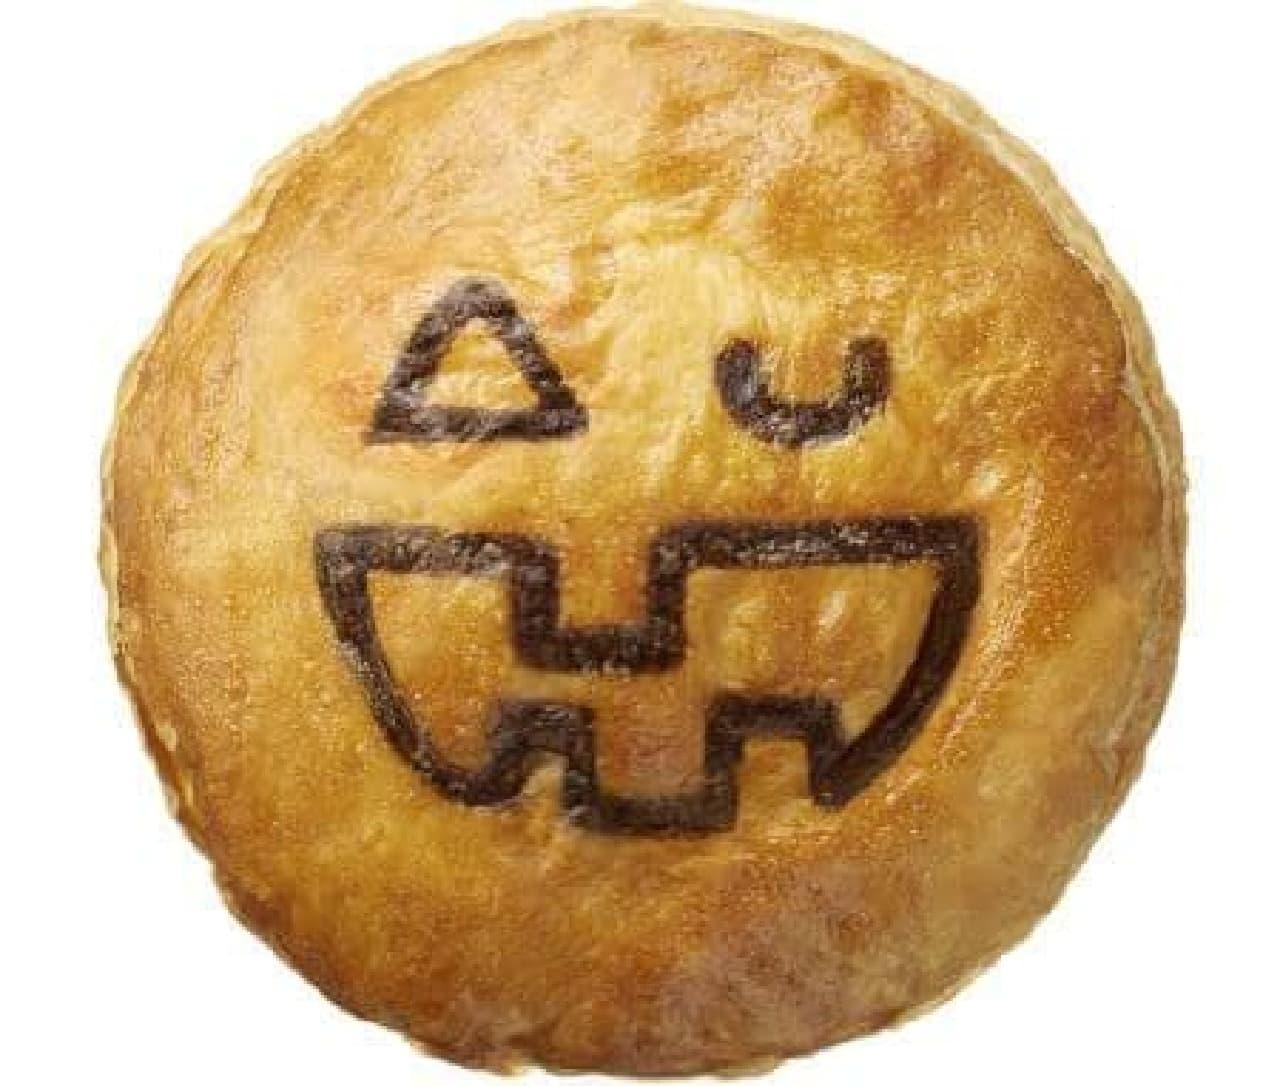 「かぼちゃのプディング」は、カボチャが使われたスイーツパイ